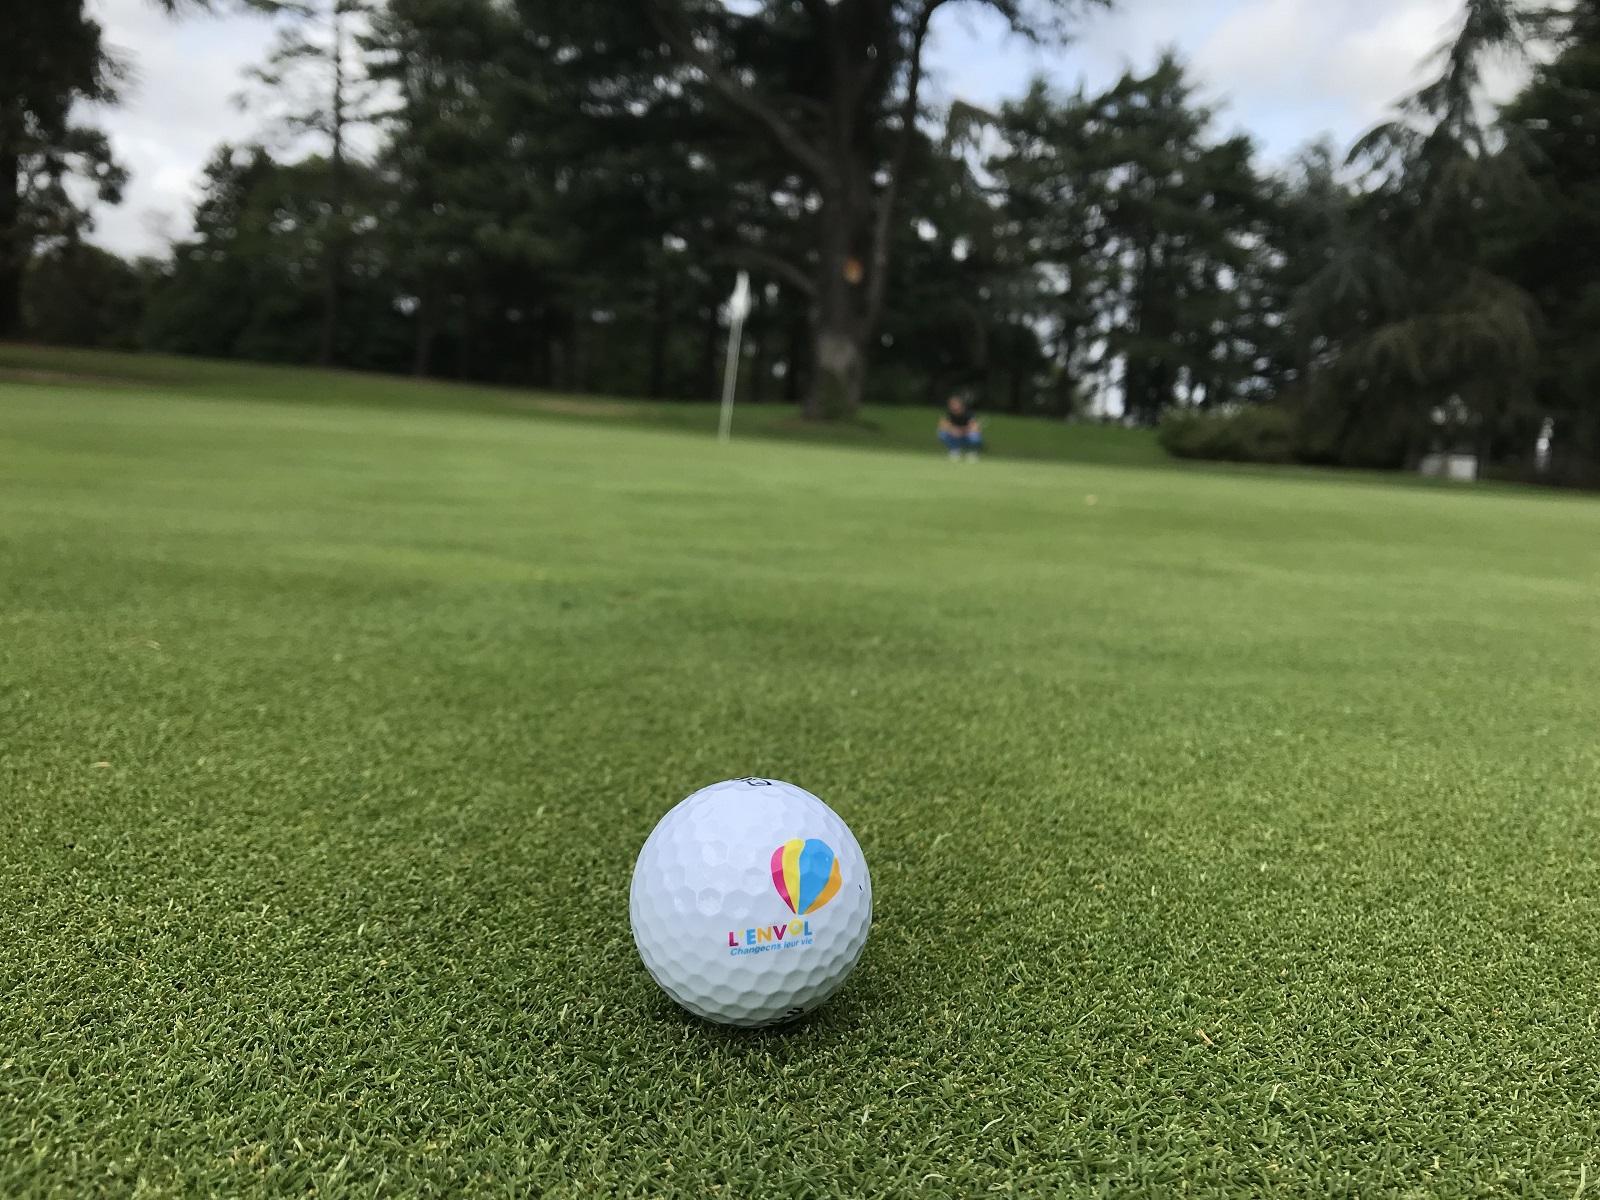 Revivez la 1ère compétition de golf au profit de L'ENVOL à la Boulie !